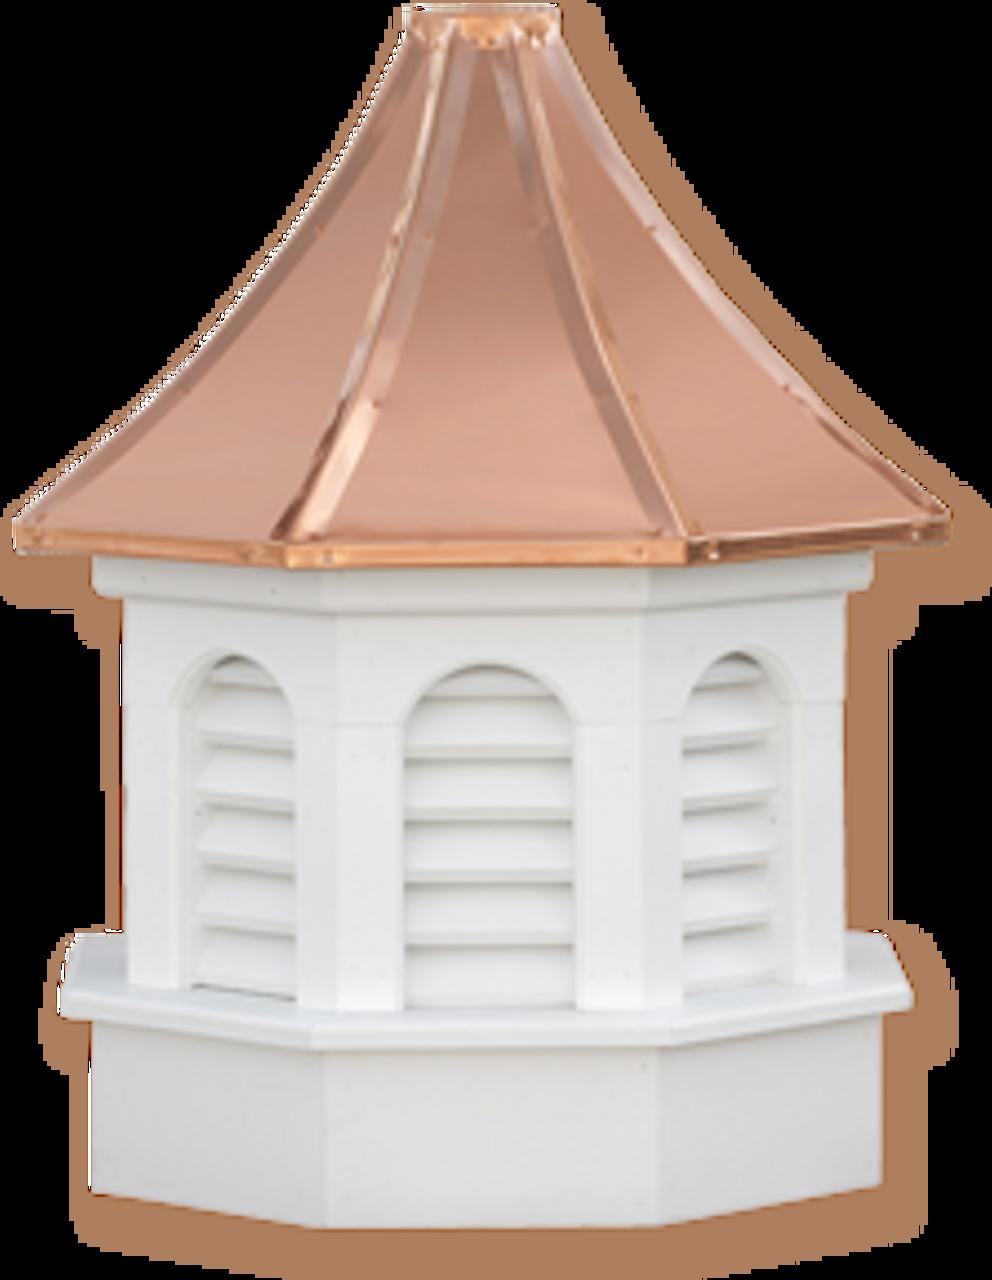 Cupola - Azek Kingston - Gazebo - 30Lx30Wx59H